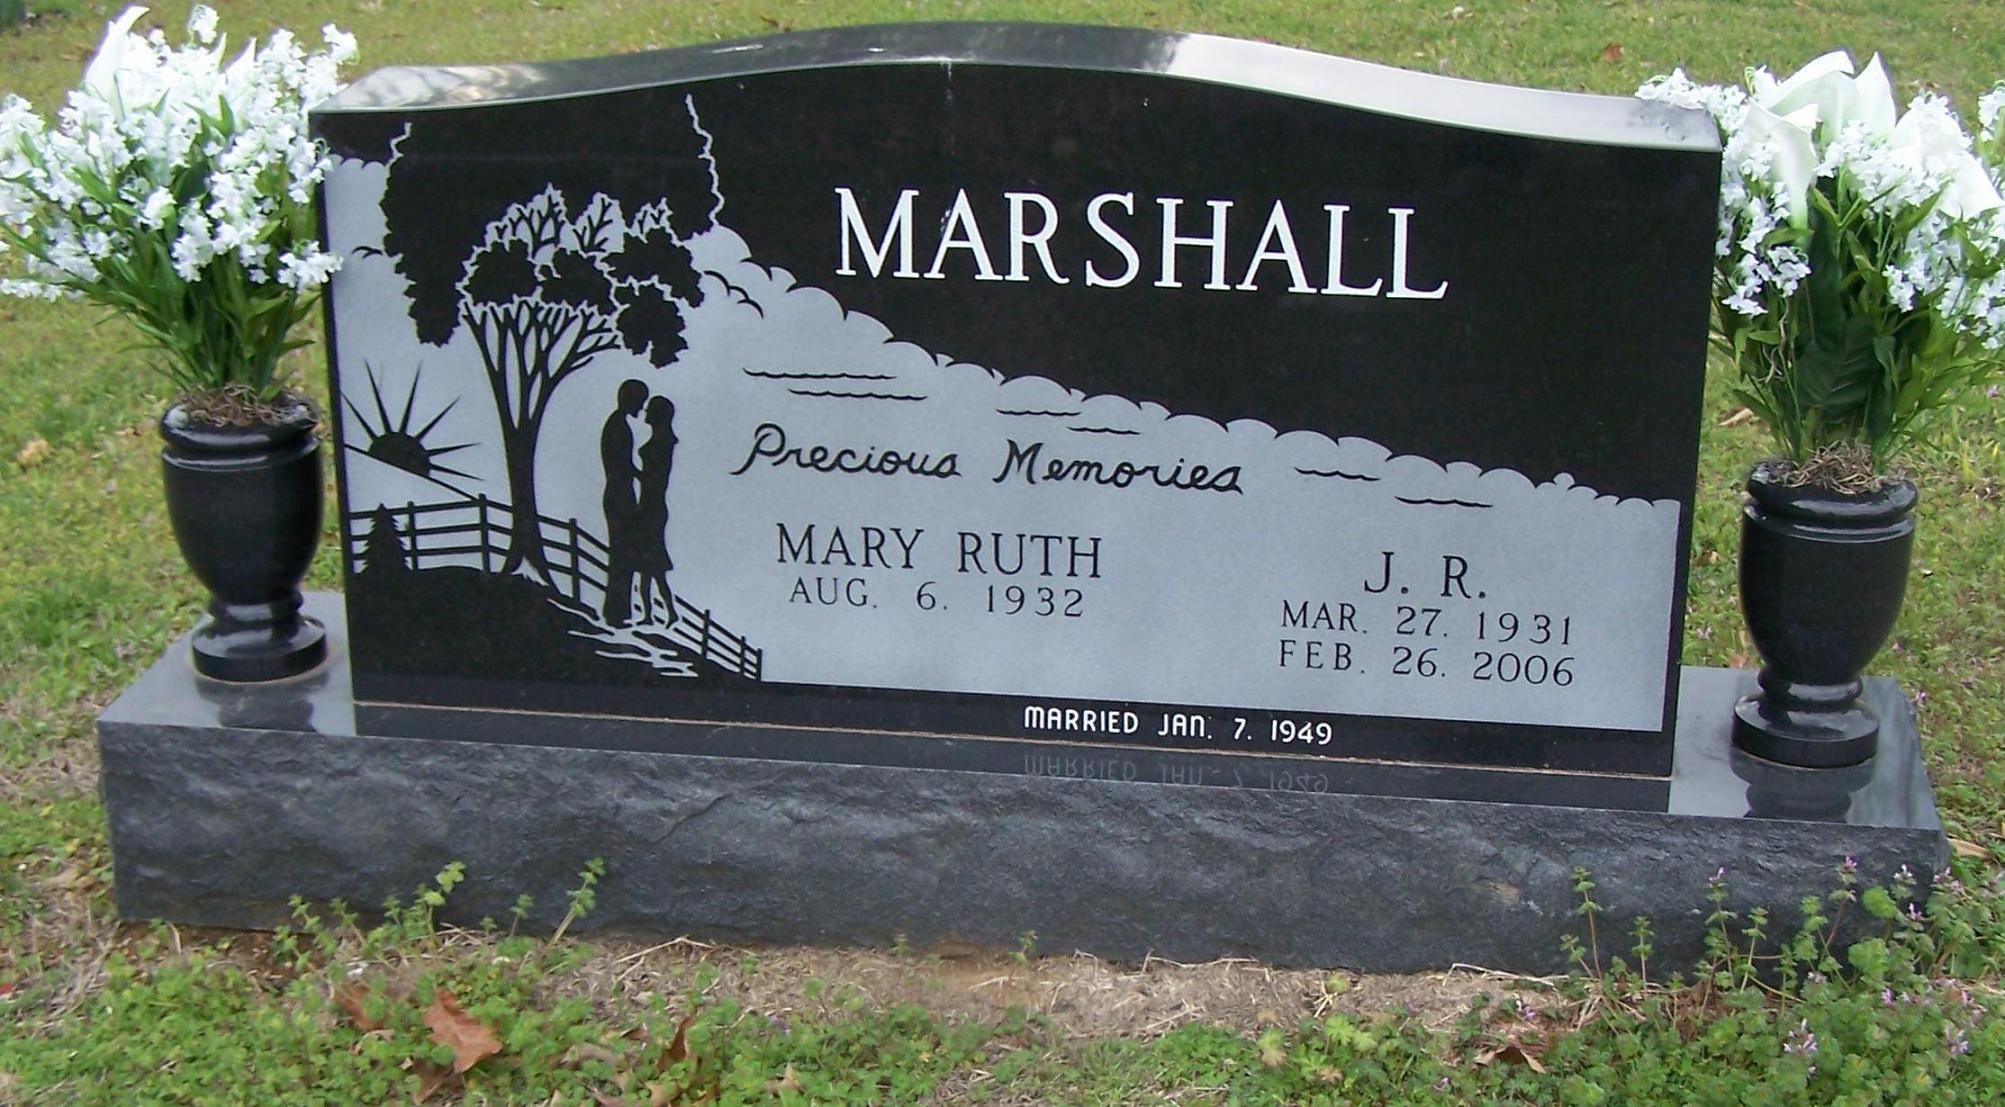 R J Marshall